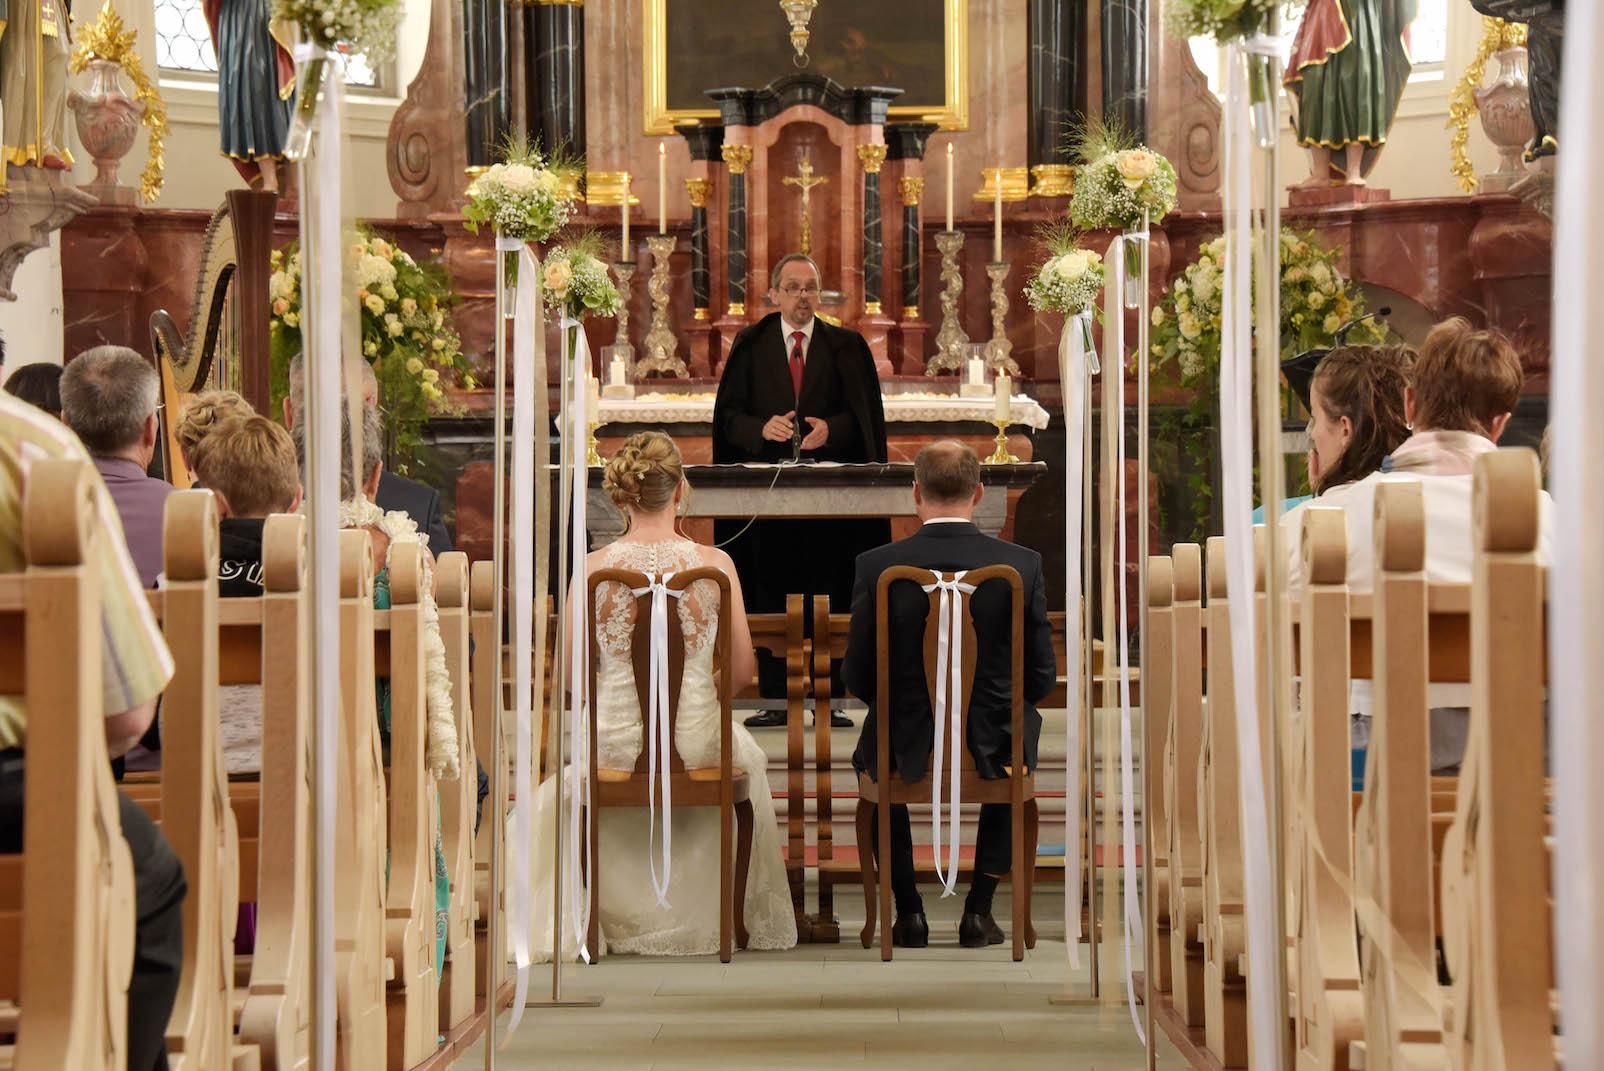 Hochzeit kirche bl tenart for Raumgestaltung hochzeit